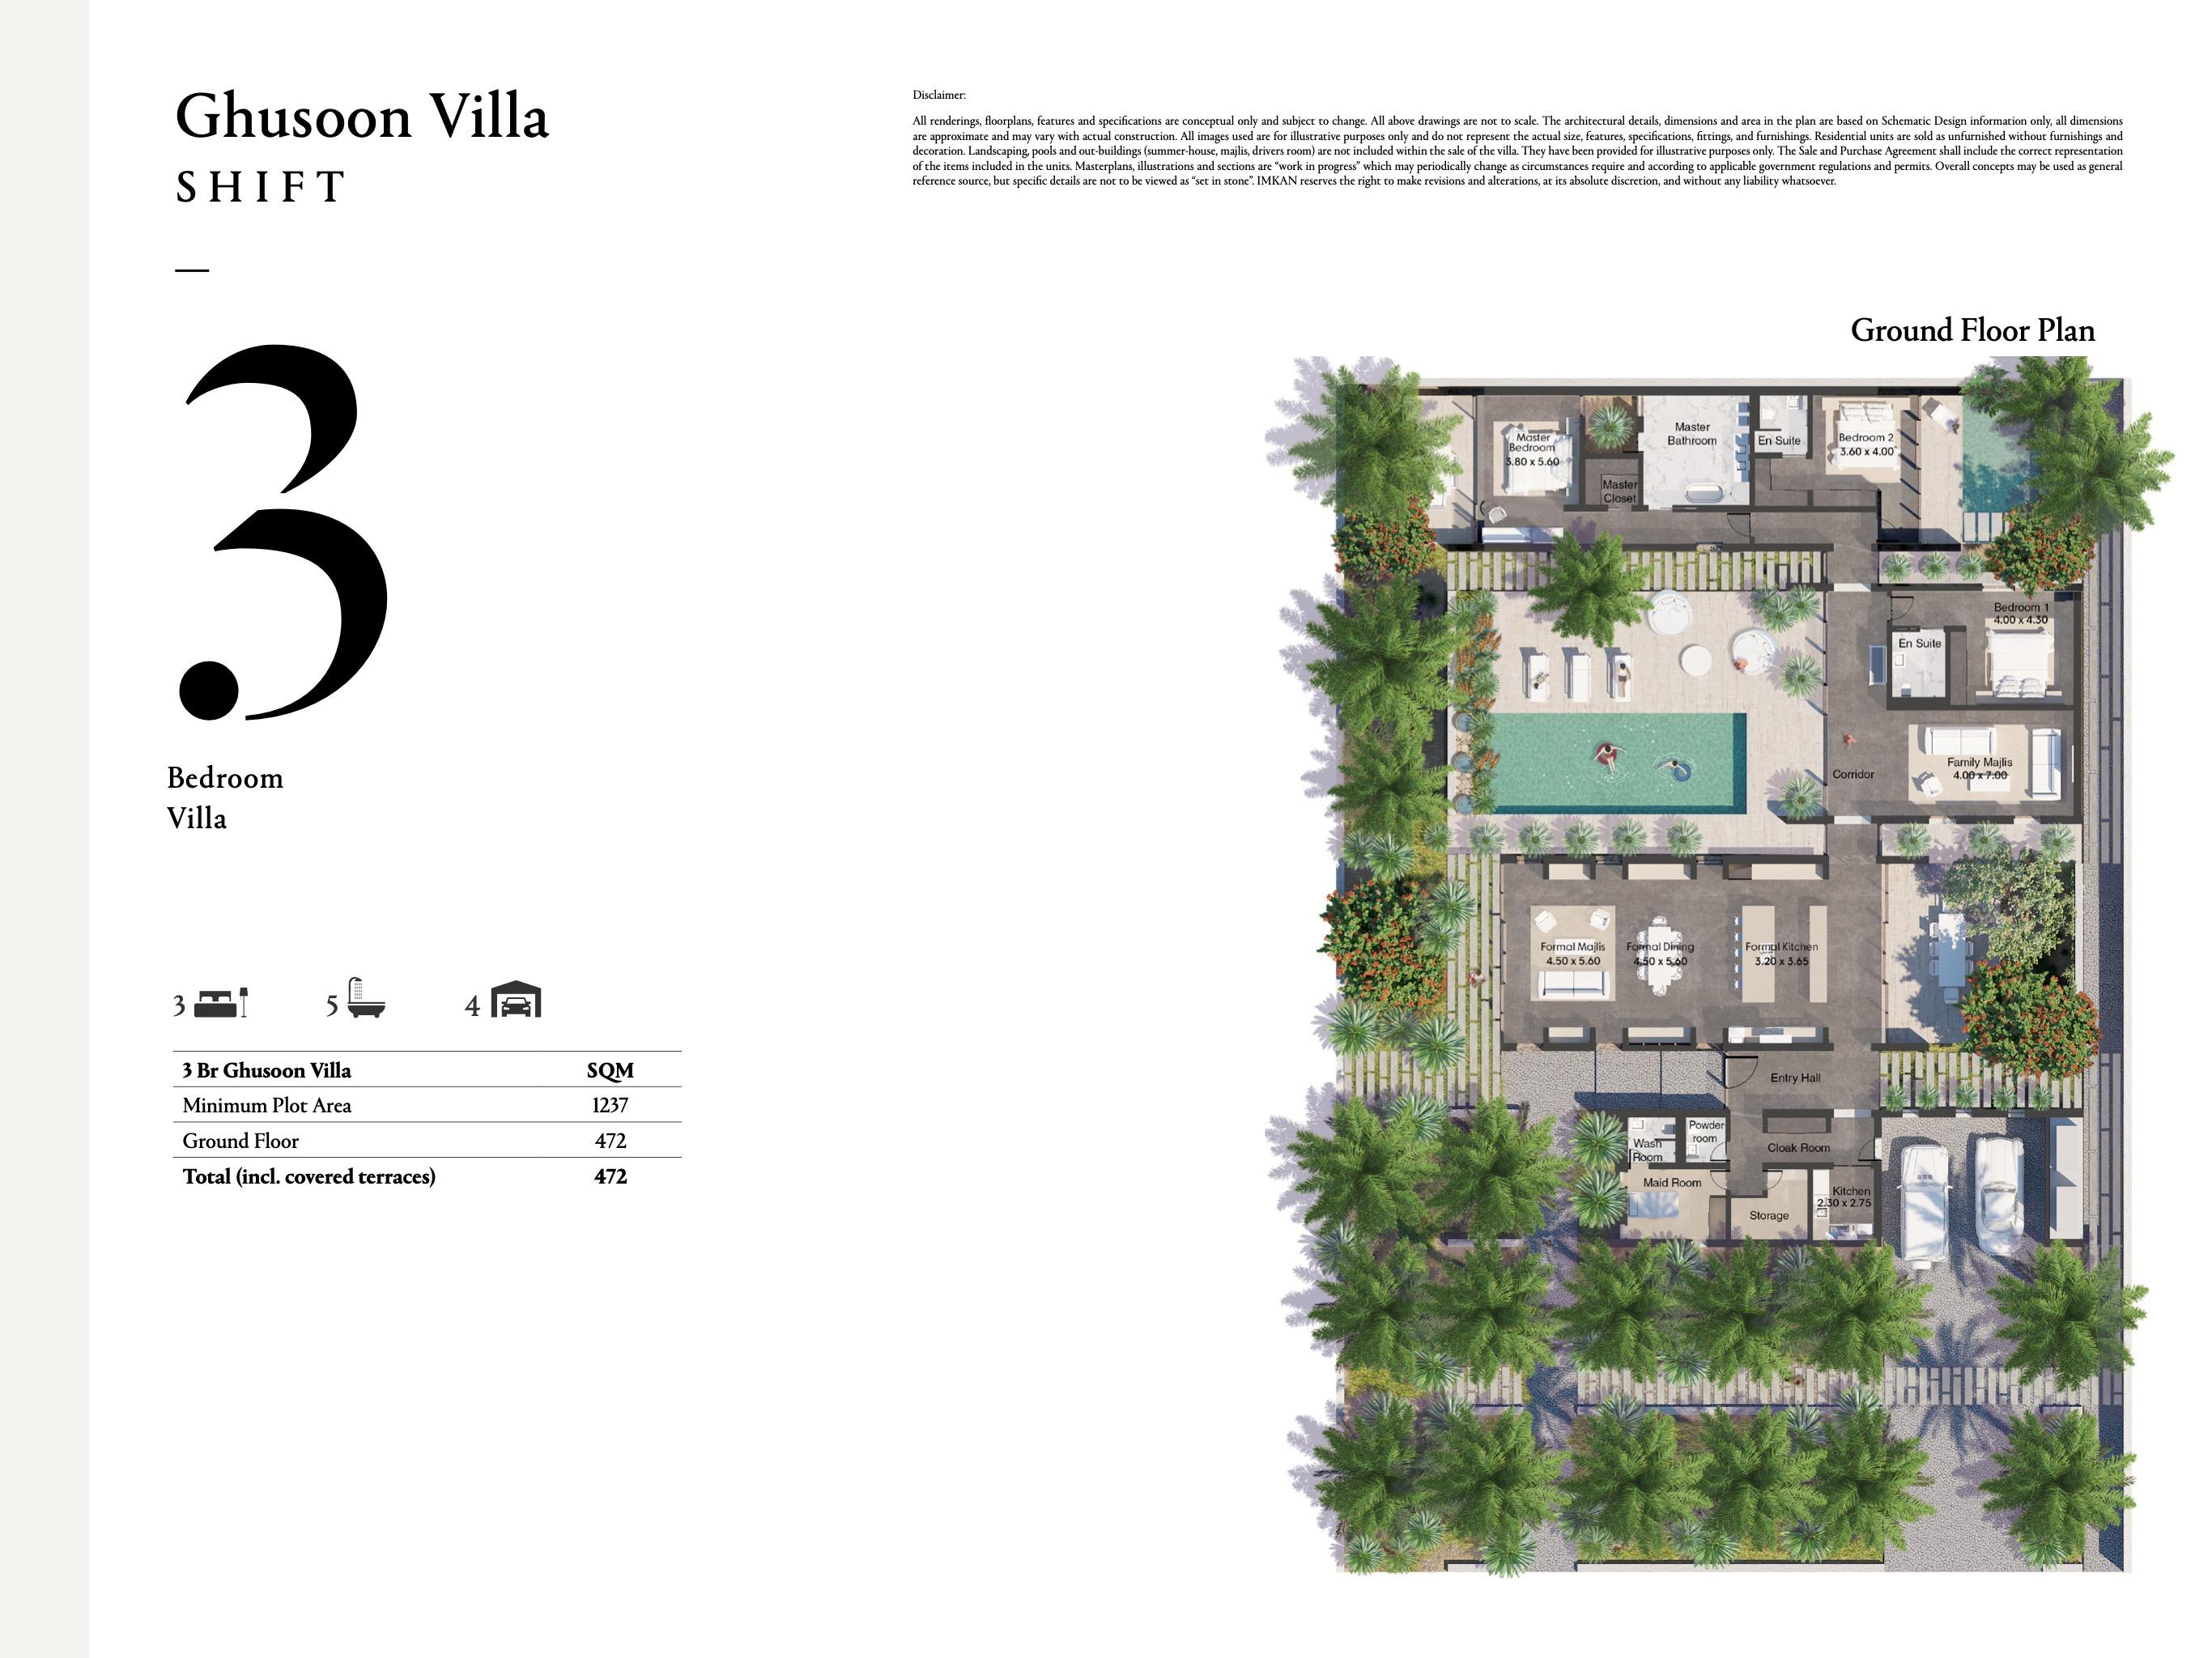 فلل  من 3 غرف نوم بمساحة 472 متر مربع